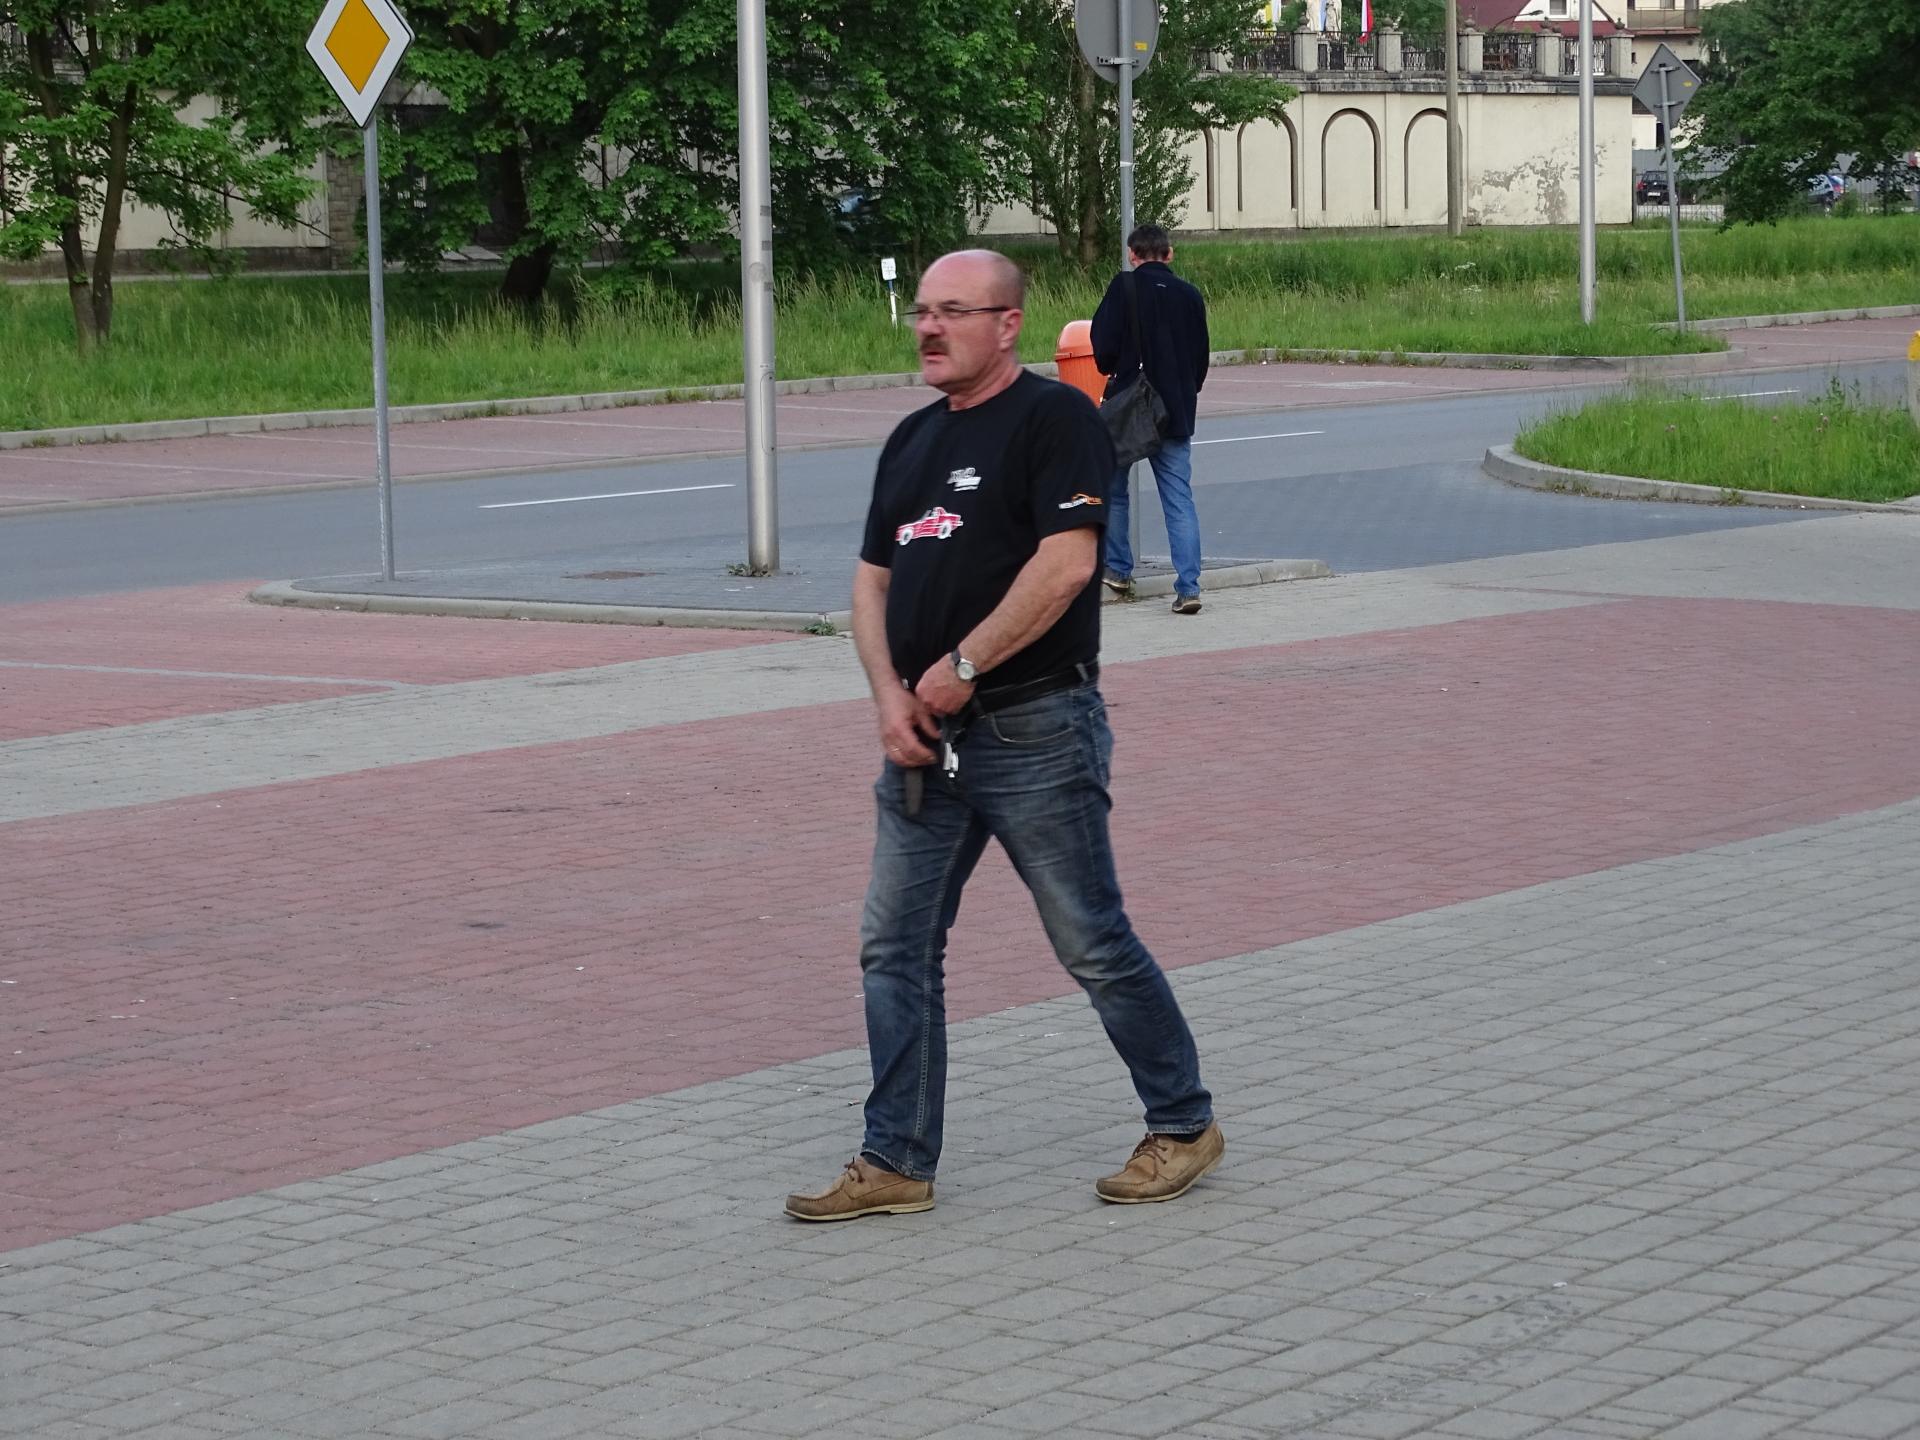 http://images72.fotosik.pl/481/8d65ee475fe5bf64.jpg